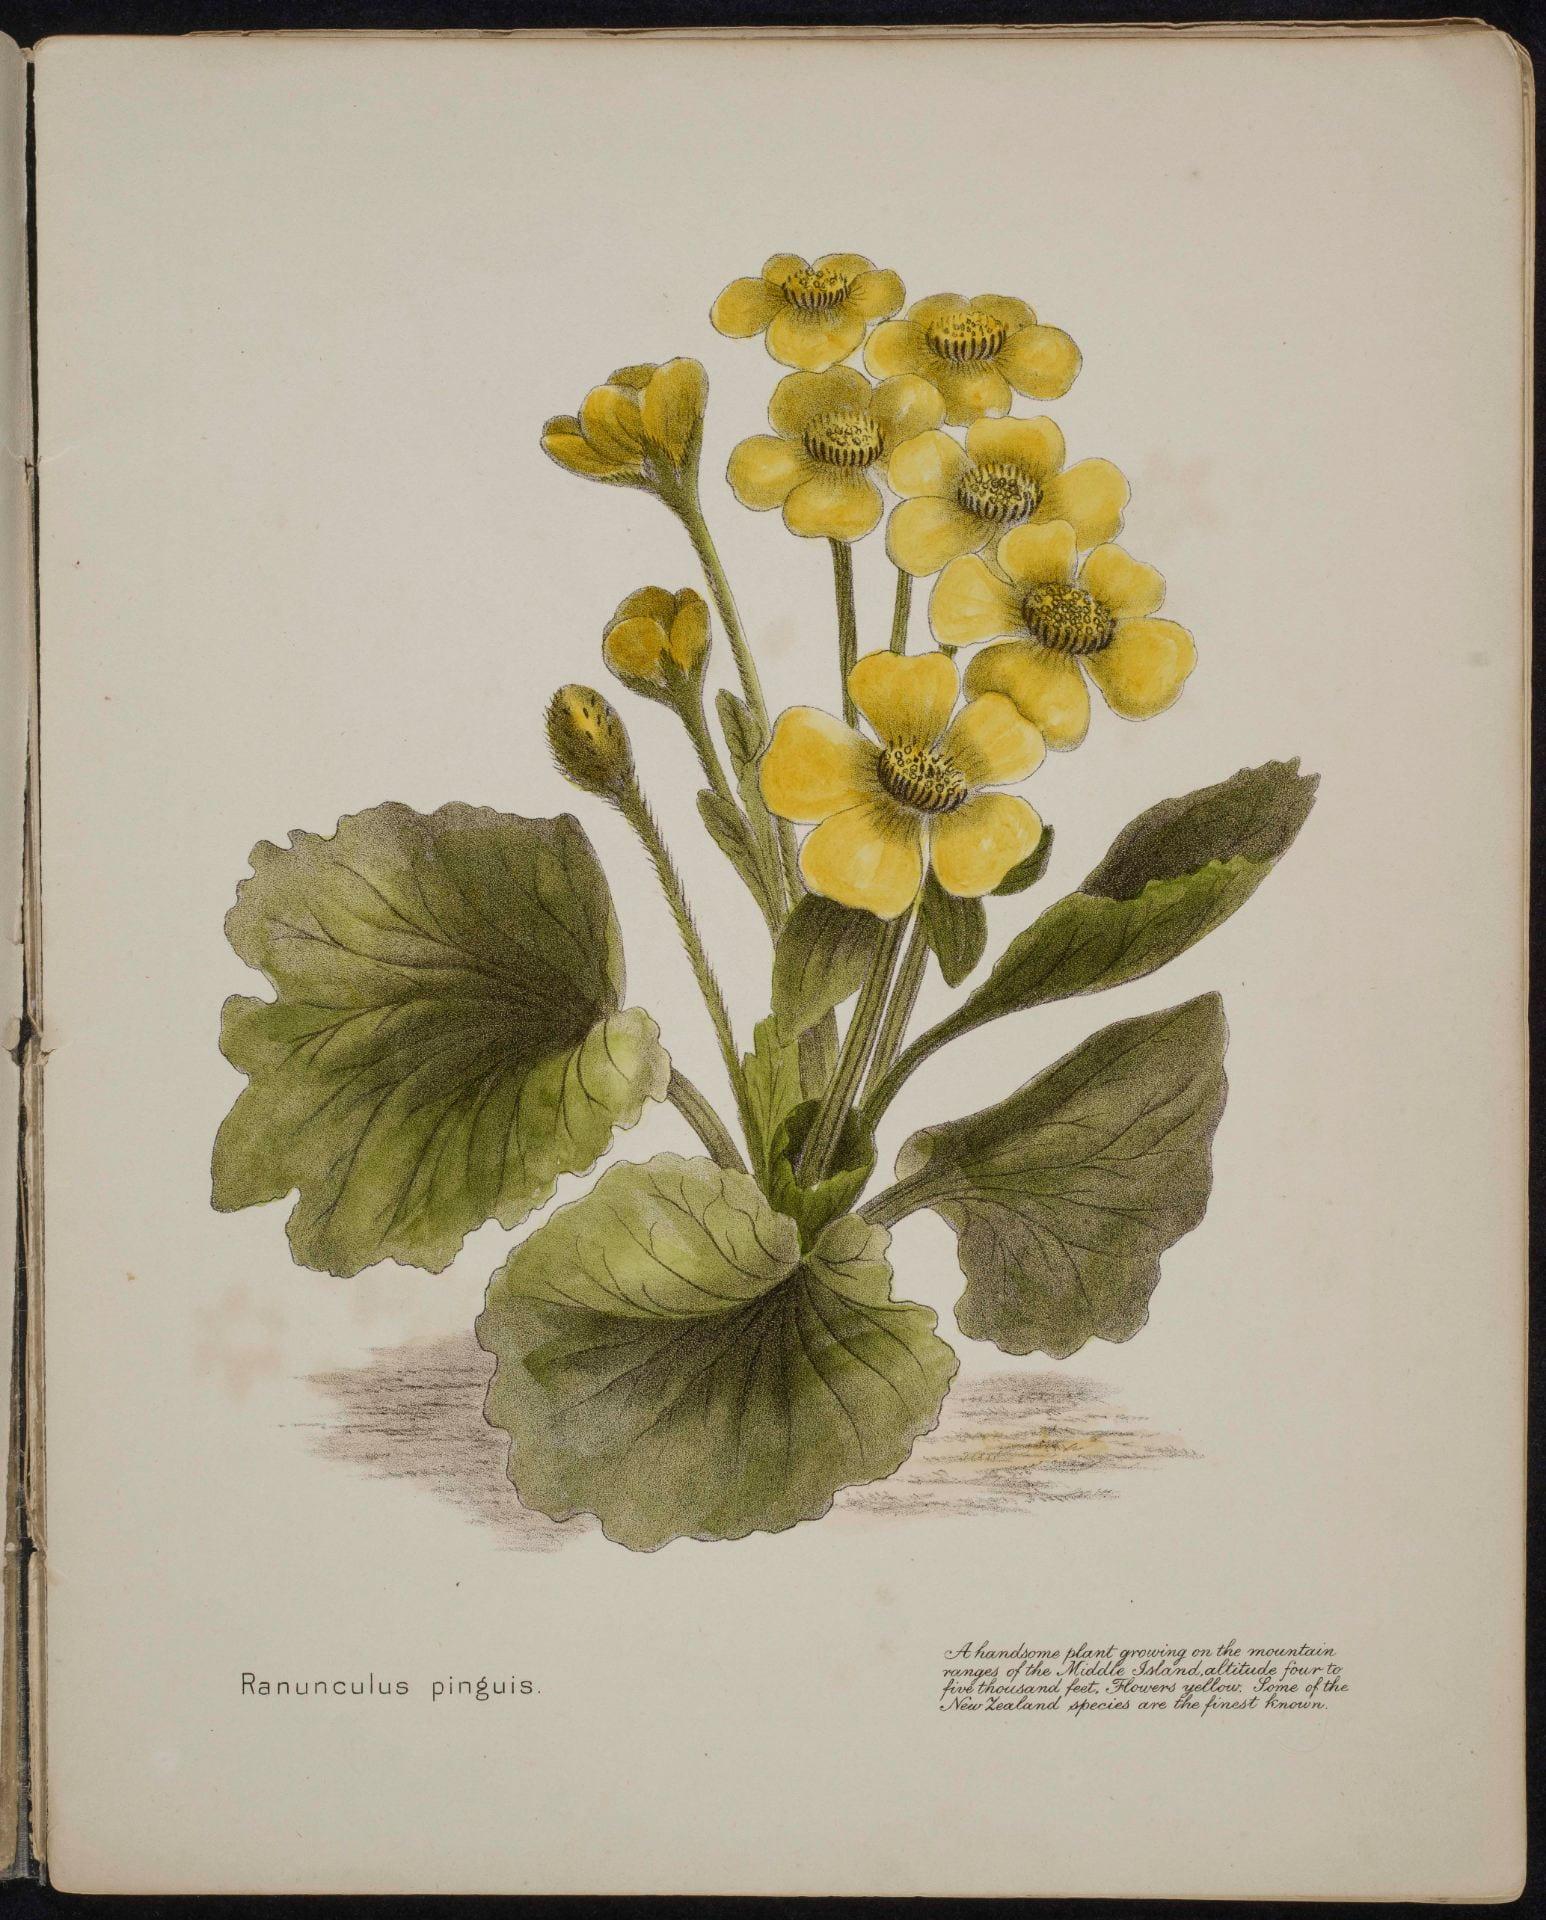 Ranunculus pinguis